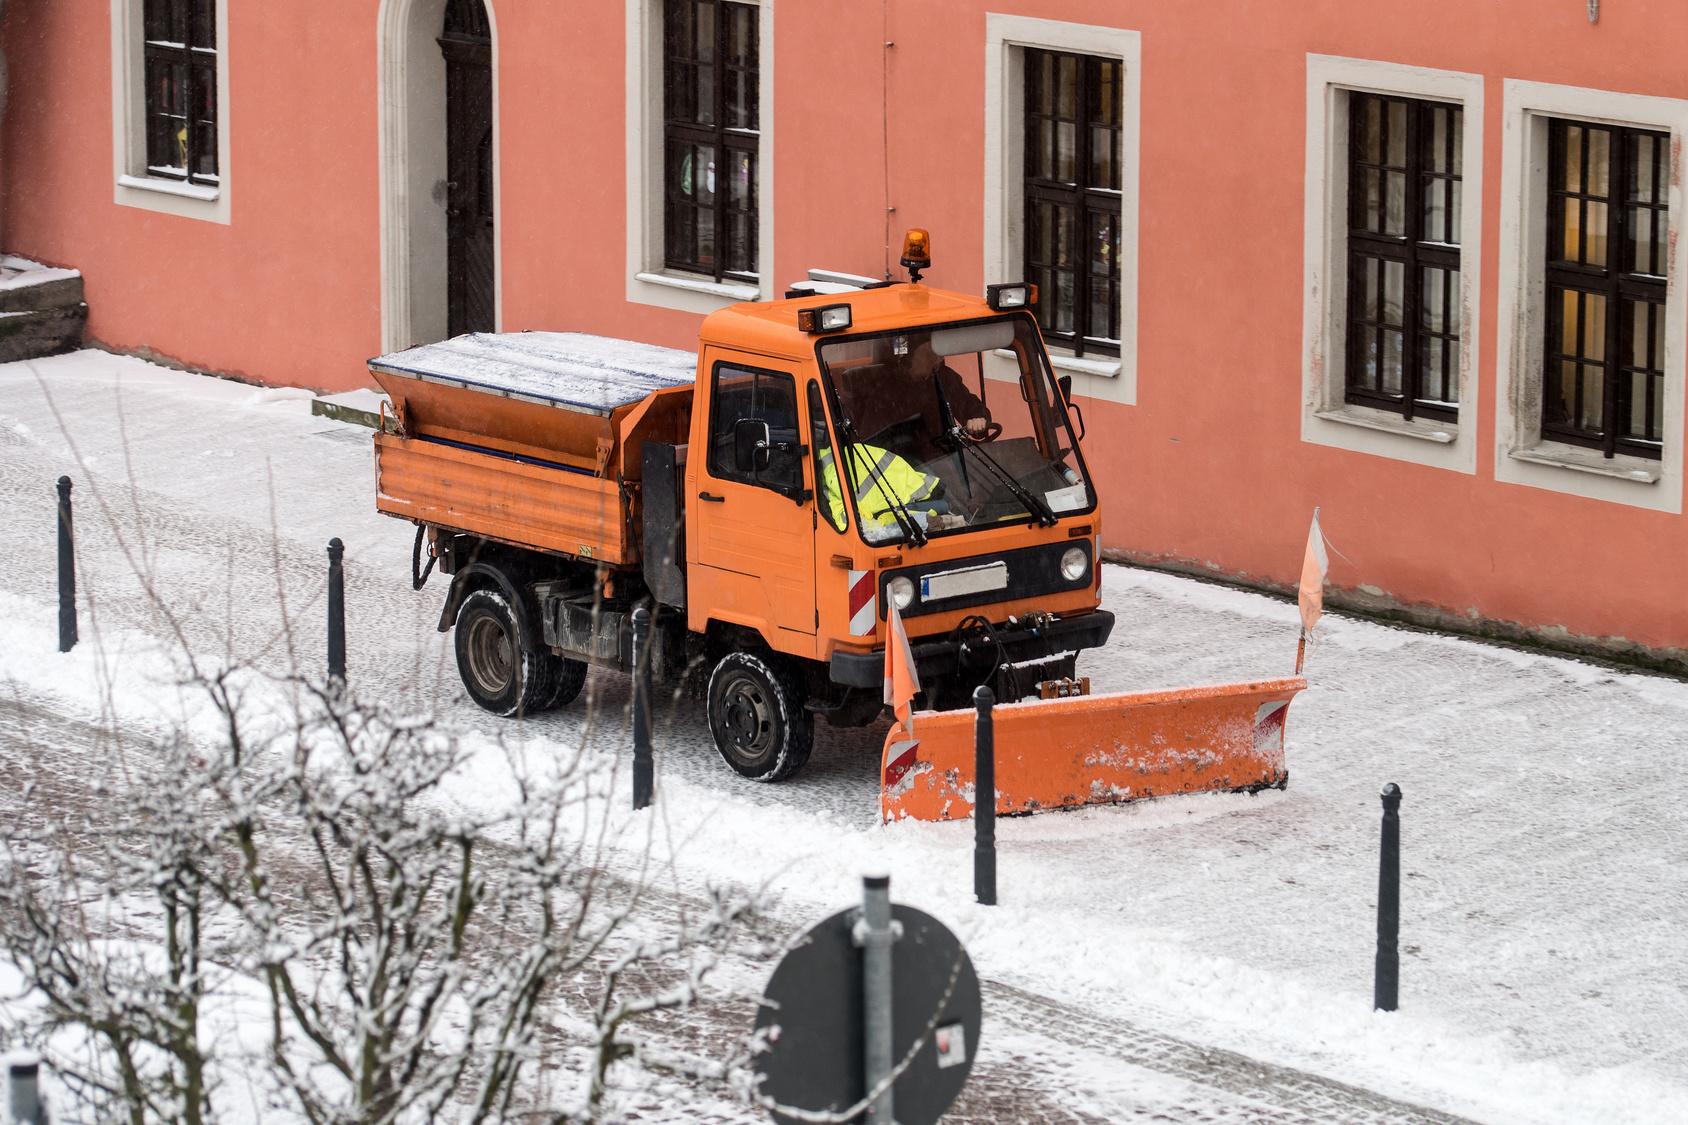 Winterdienst / Winterdienst bei der Arbeit